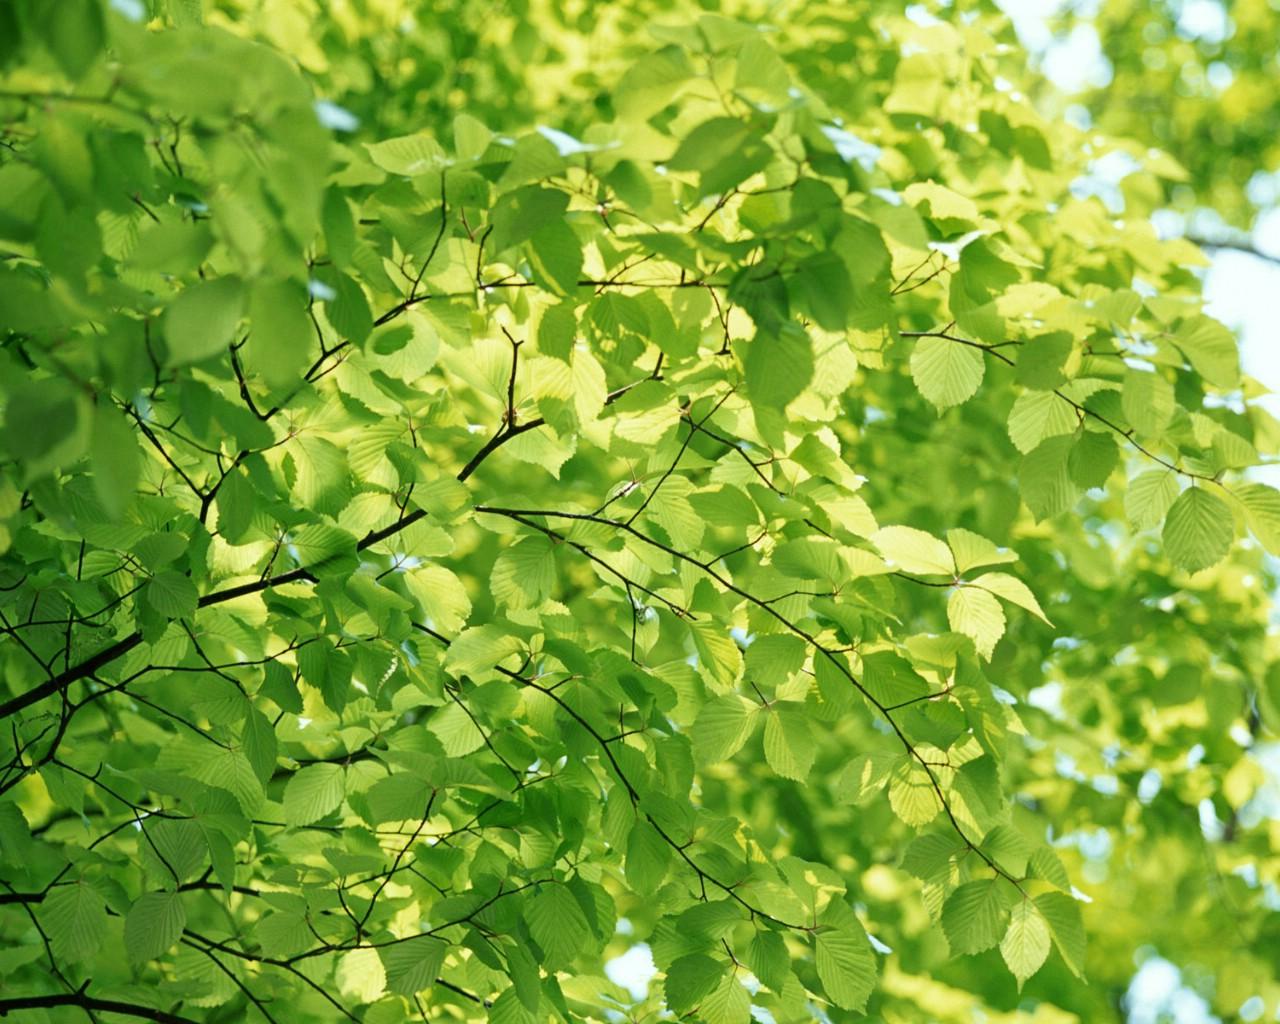 壁纸1280 215 1024清凉绿叶壁纸壁纸 清凉绿叶壁纸壁纸图片 植物壁纸 植物图片素材 桌面壁纸